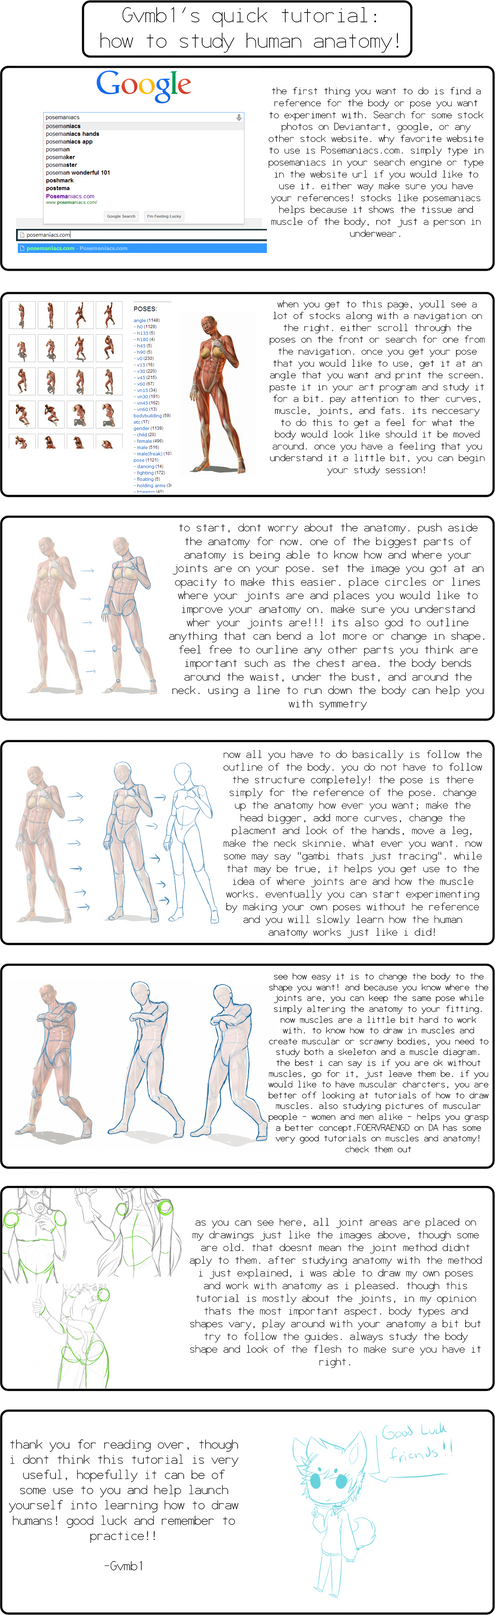 How To Study Human Anatomy by x-AL3X